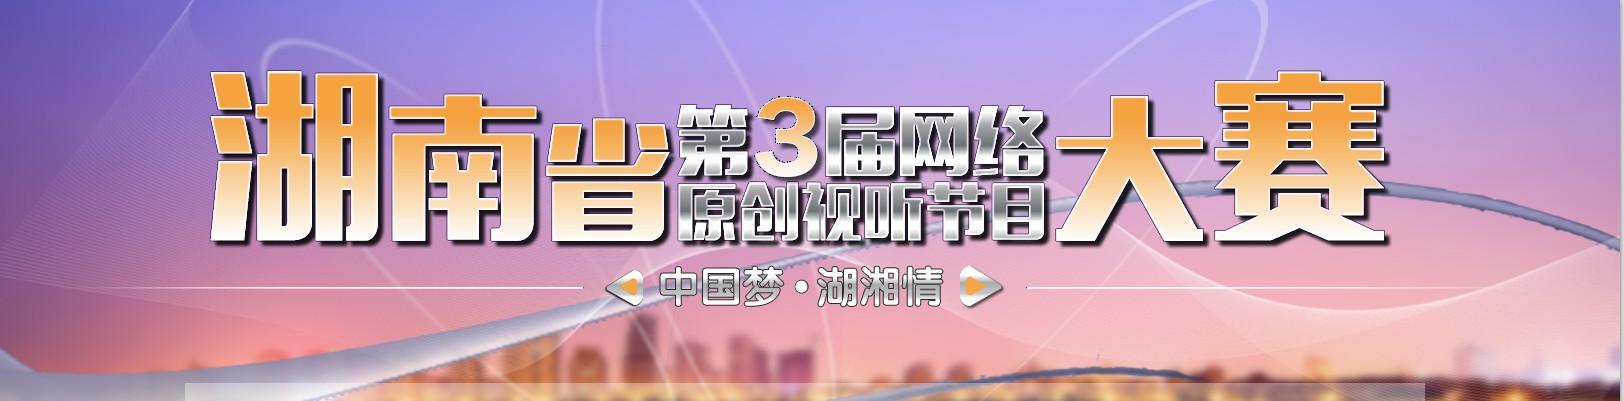 湖南省第三届网络原创视听节目大赛